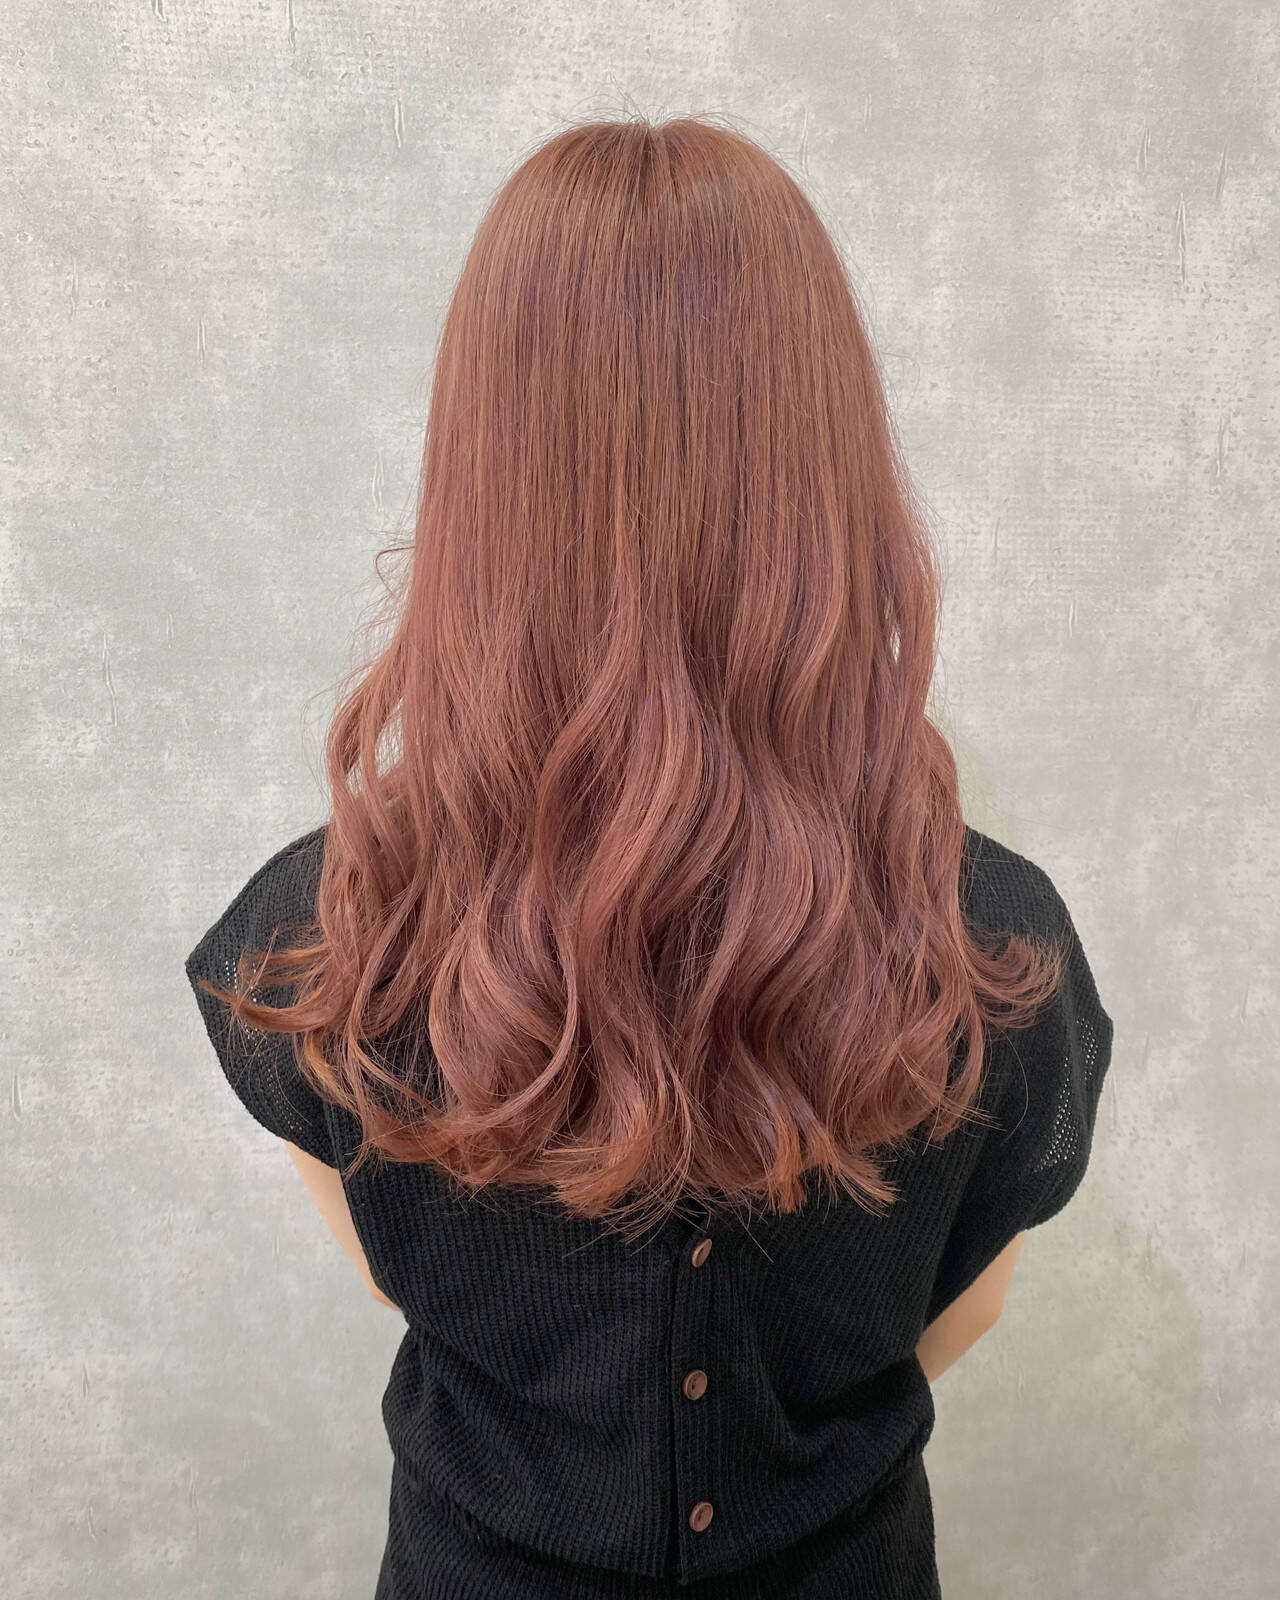 ブリーチカラー ピンクアッシュ ロング インナーカラーヘアスタイルや髪型の写真・画像